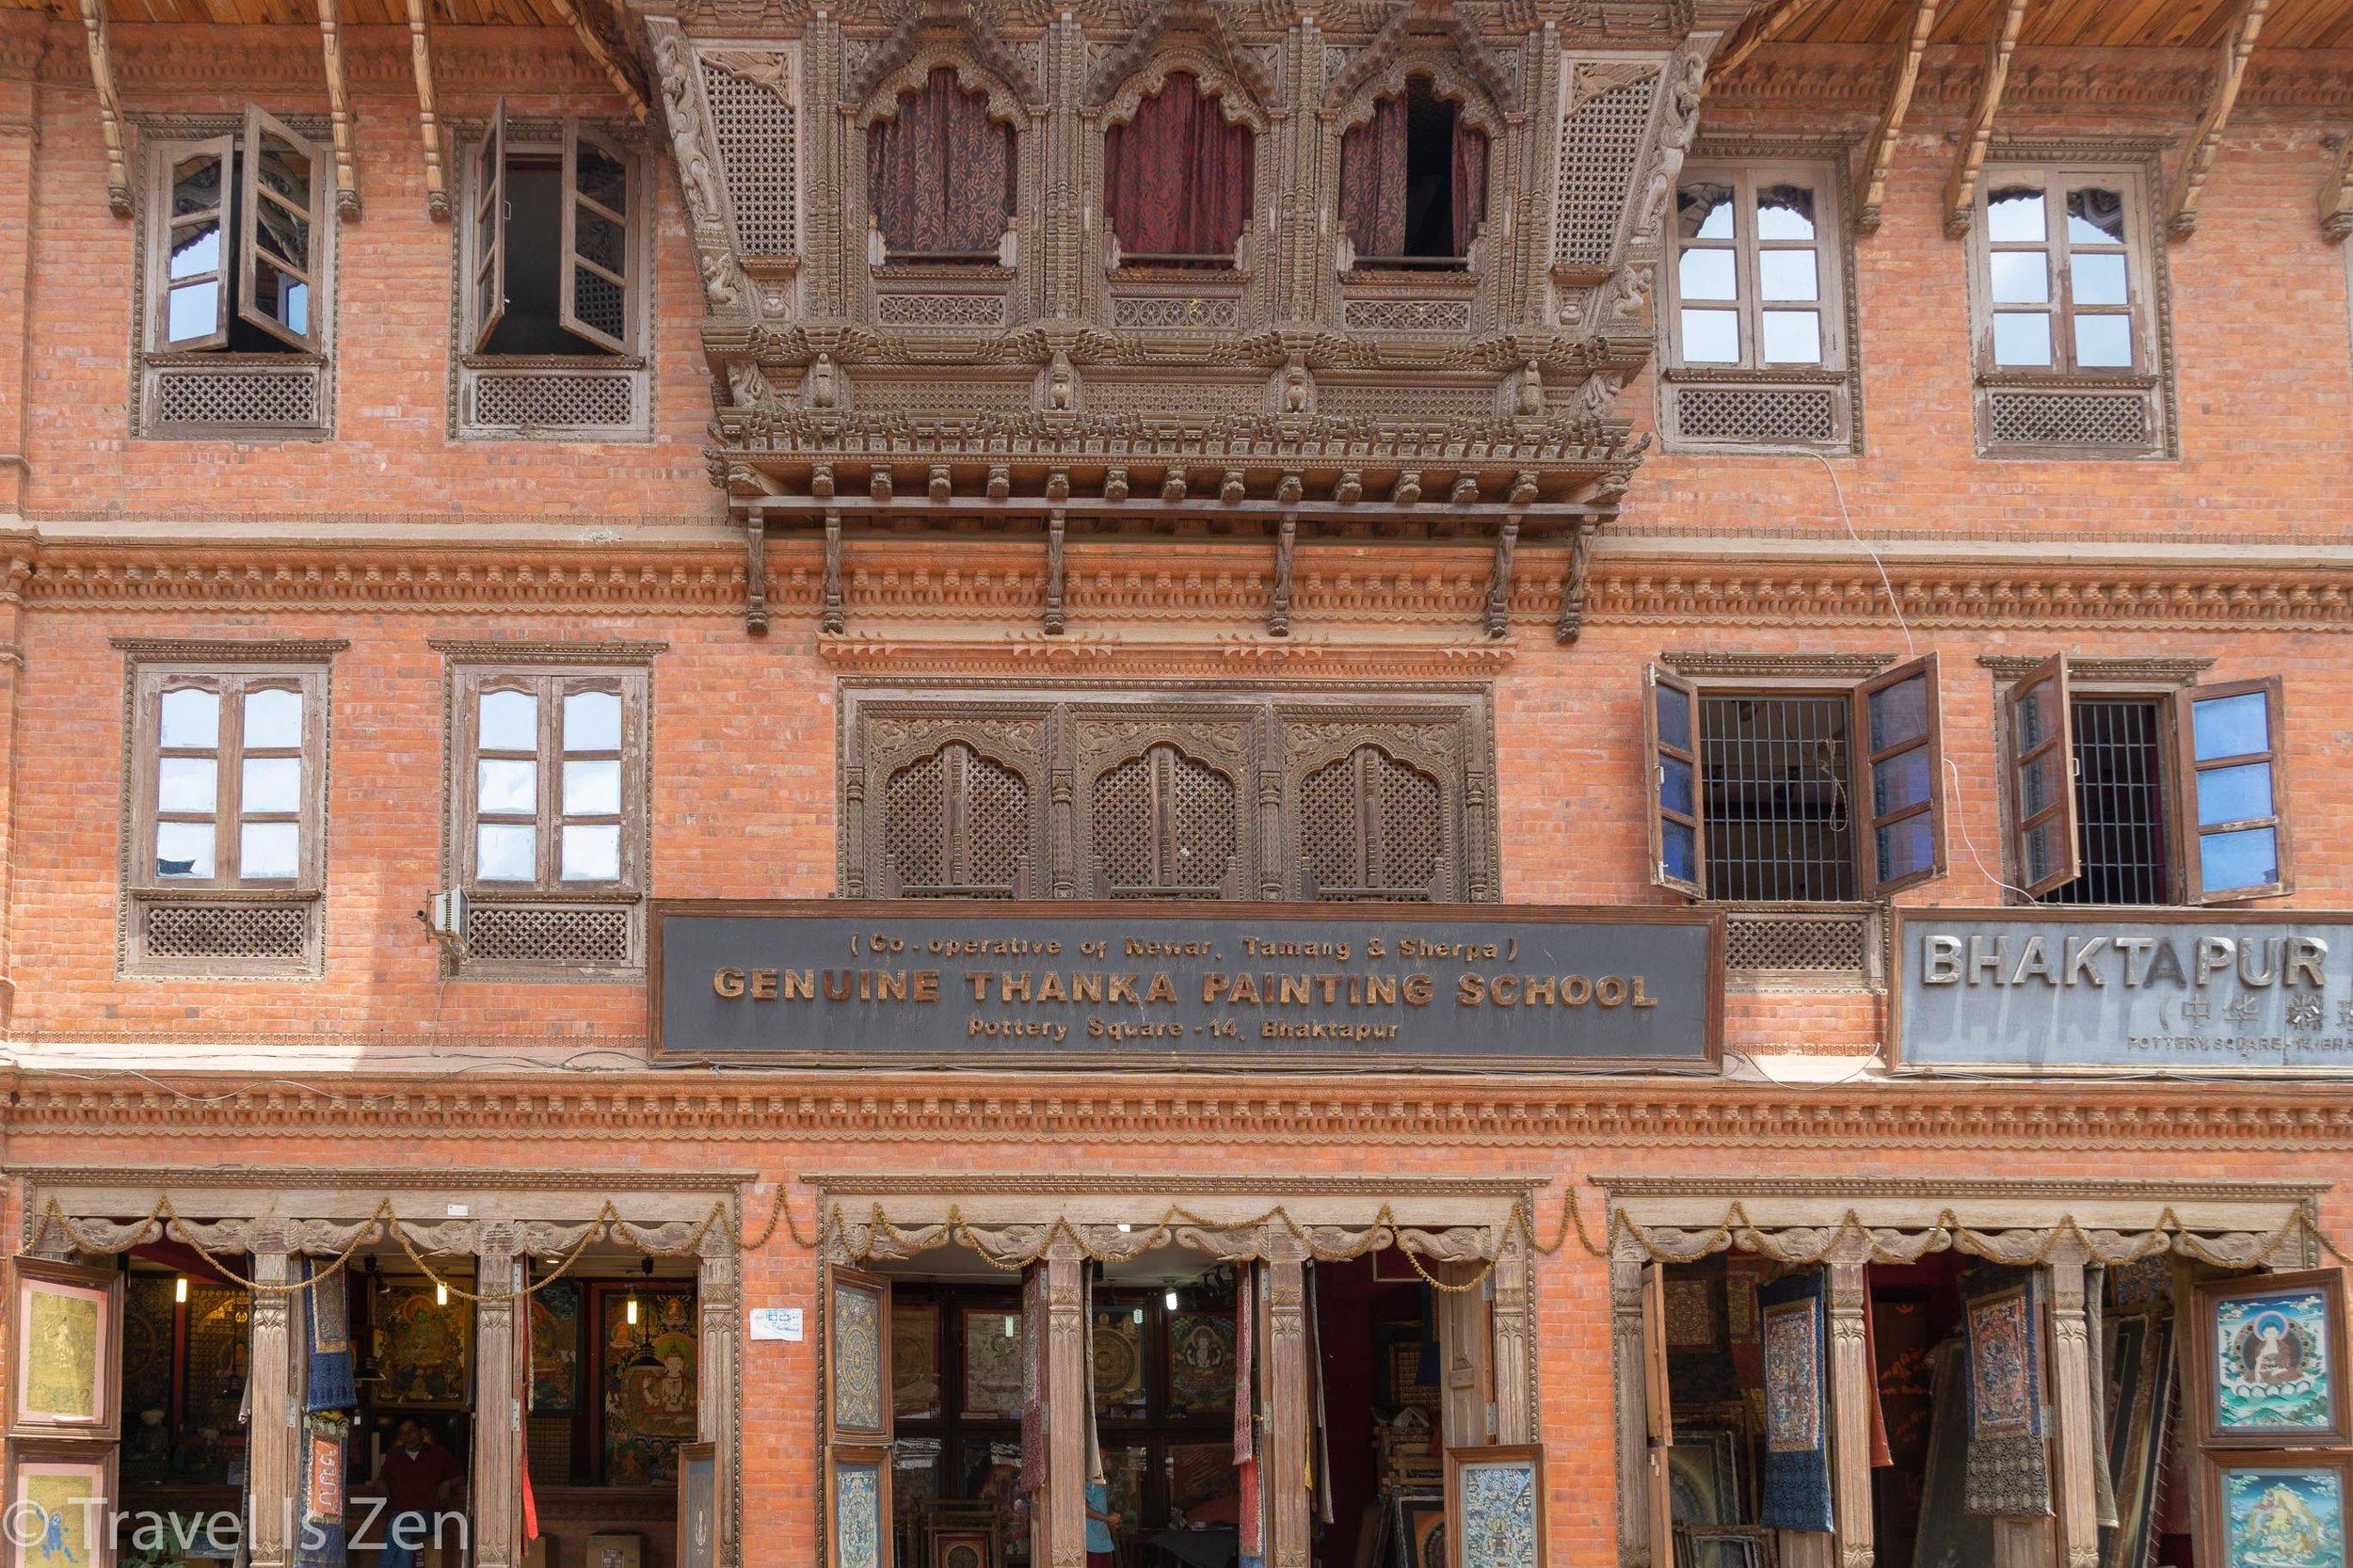 bhaktapur-3.jpg